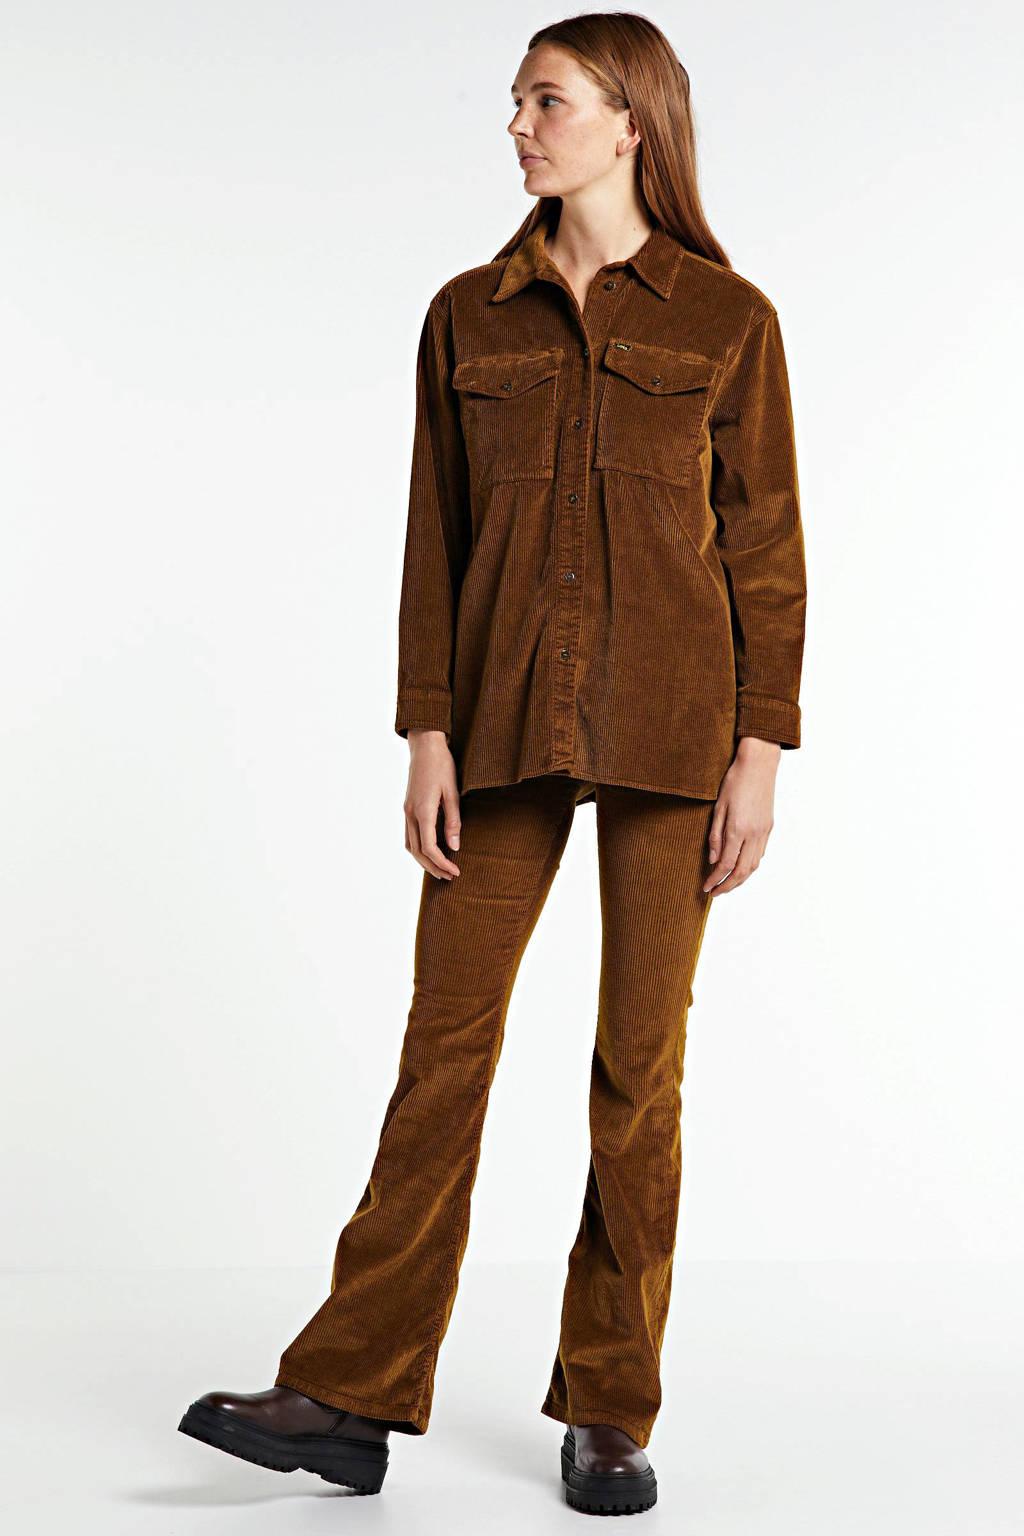 Lois corduroy blouse Carol brandy